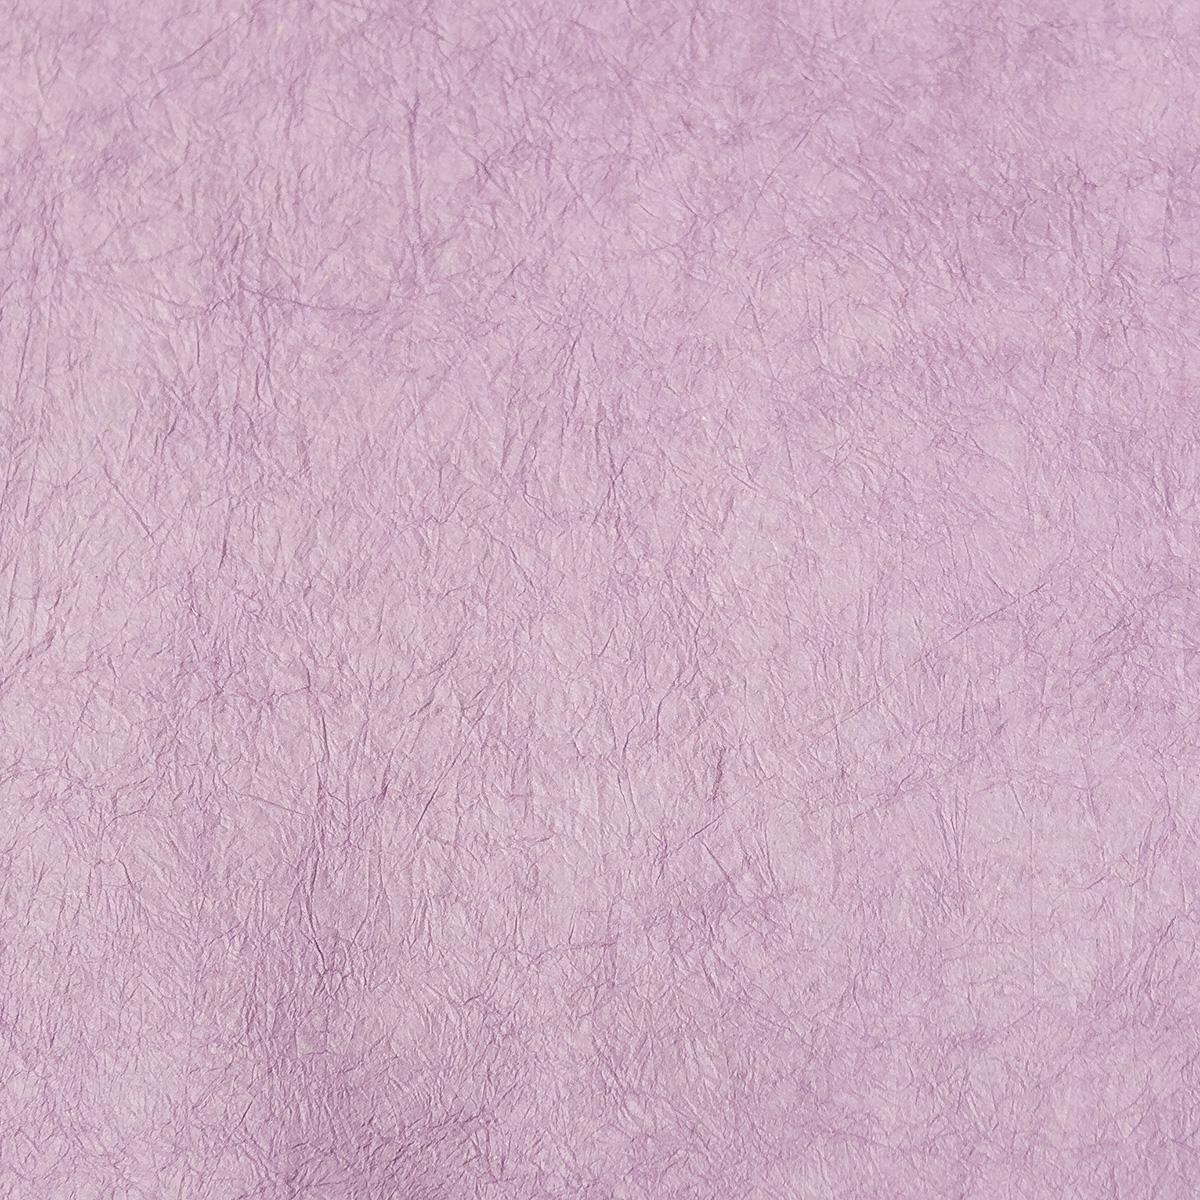 王朝のそめいろ 薄口 8番 浅滅紫